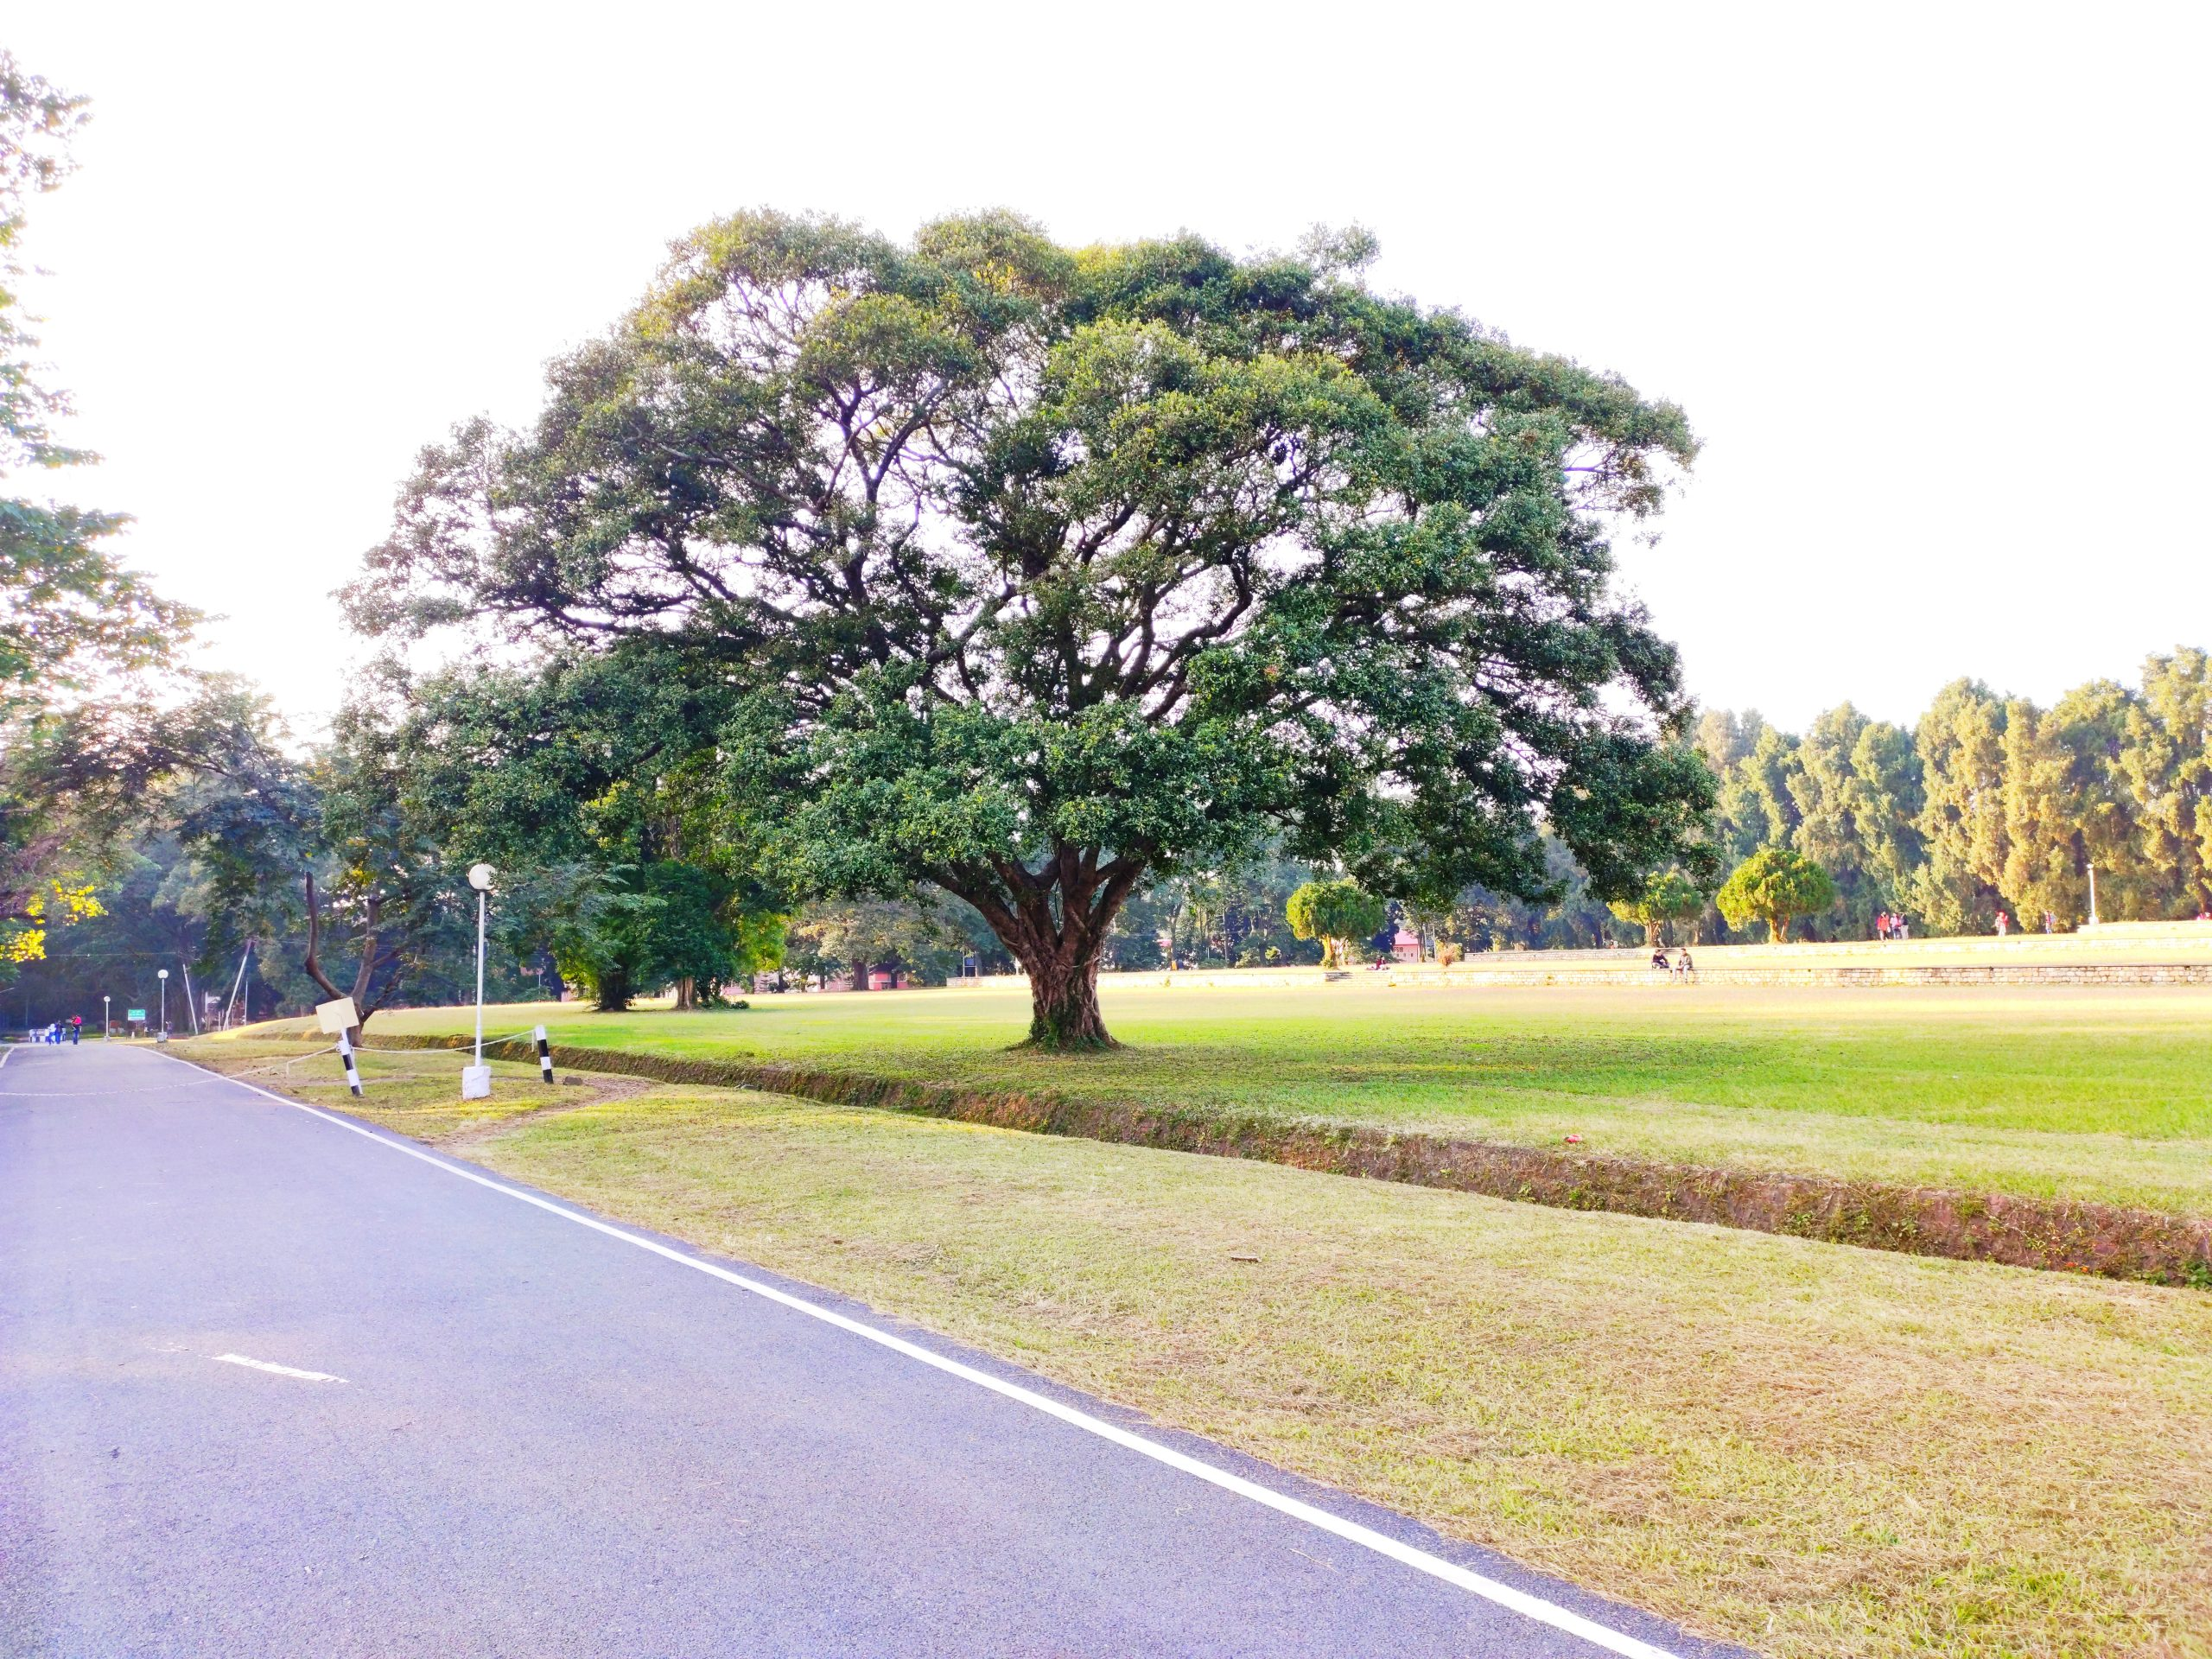 Tree on a roadside